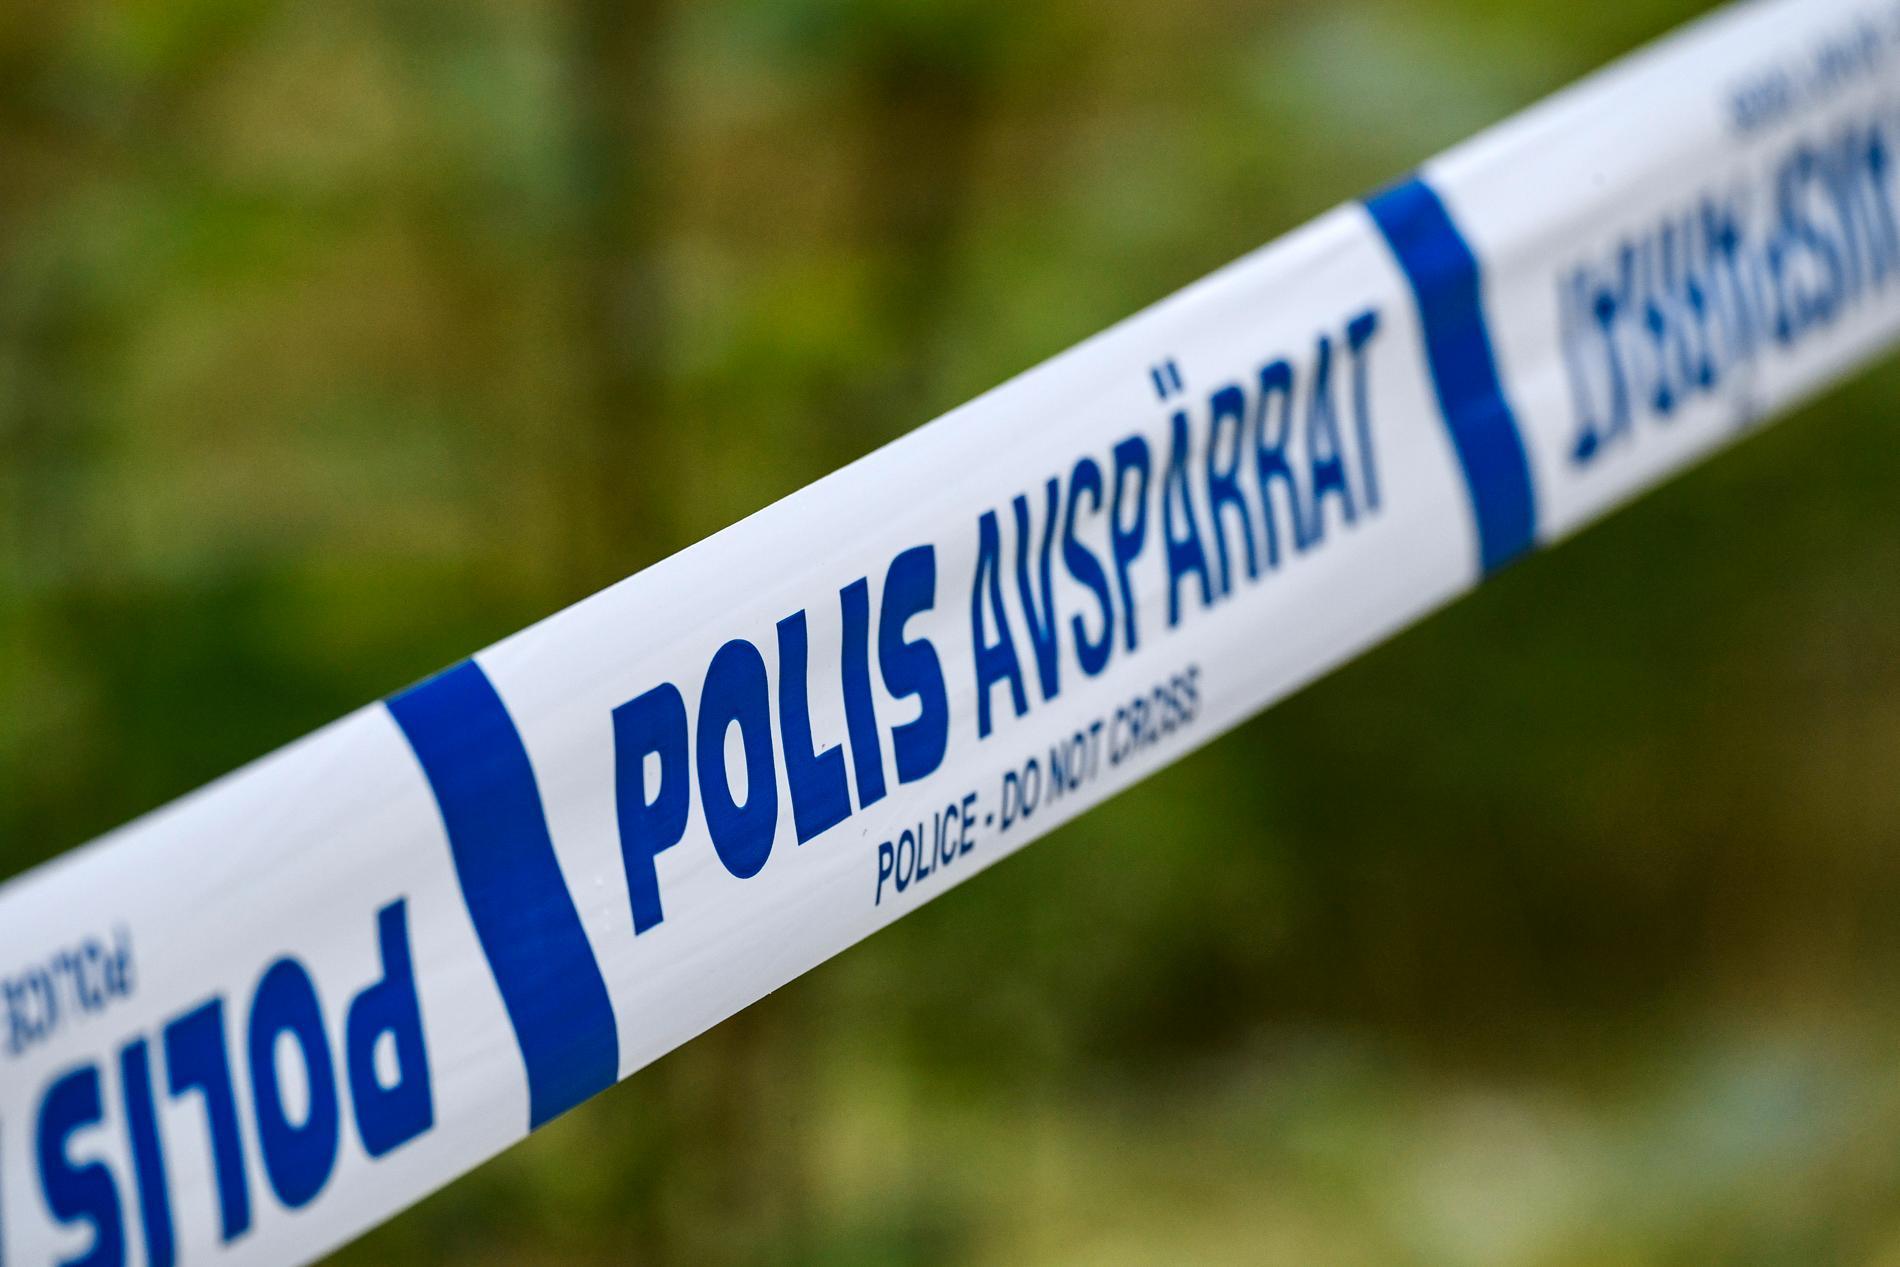 Mannen hittades i en sjö norr om Uppsala i maj i år. Arkivbild.